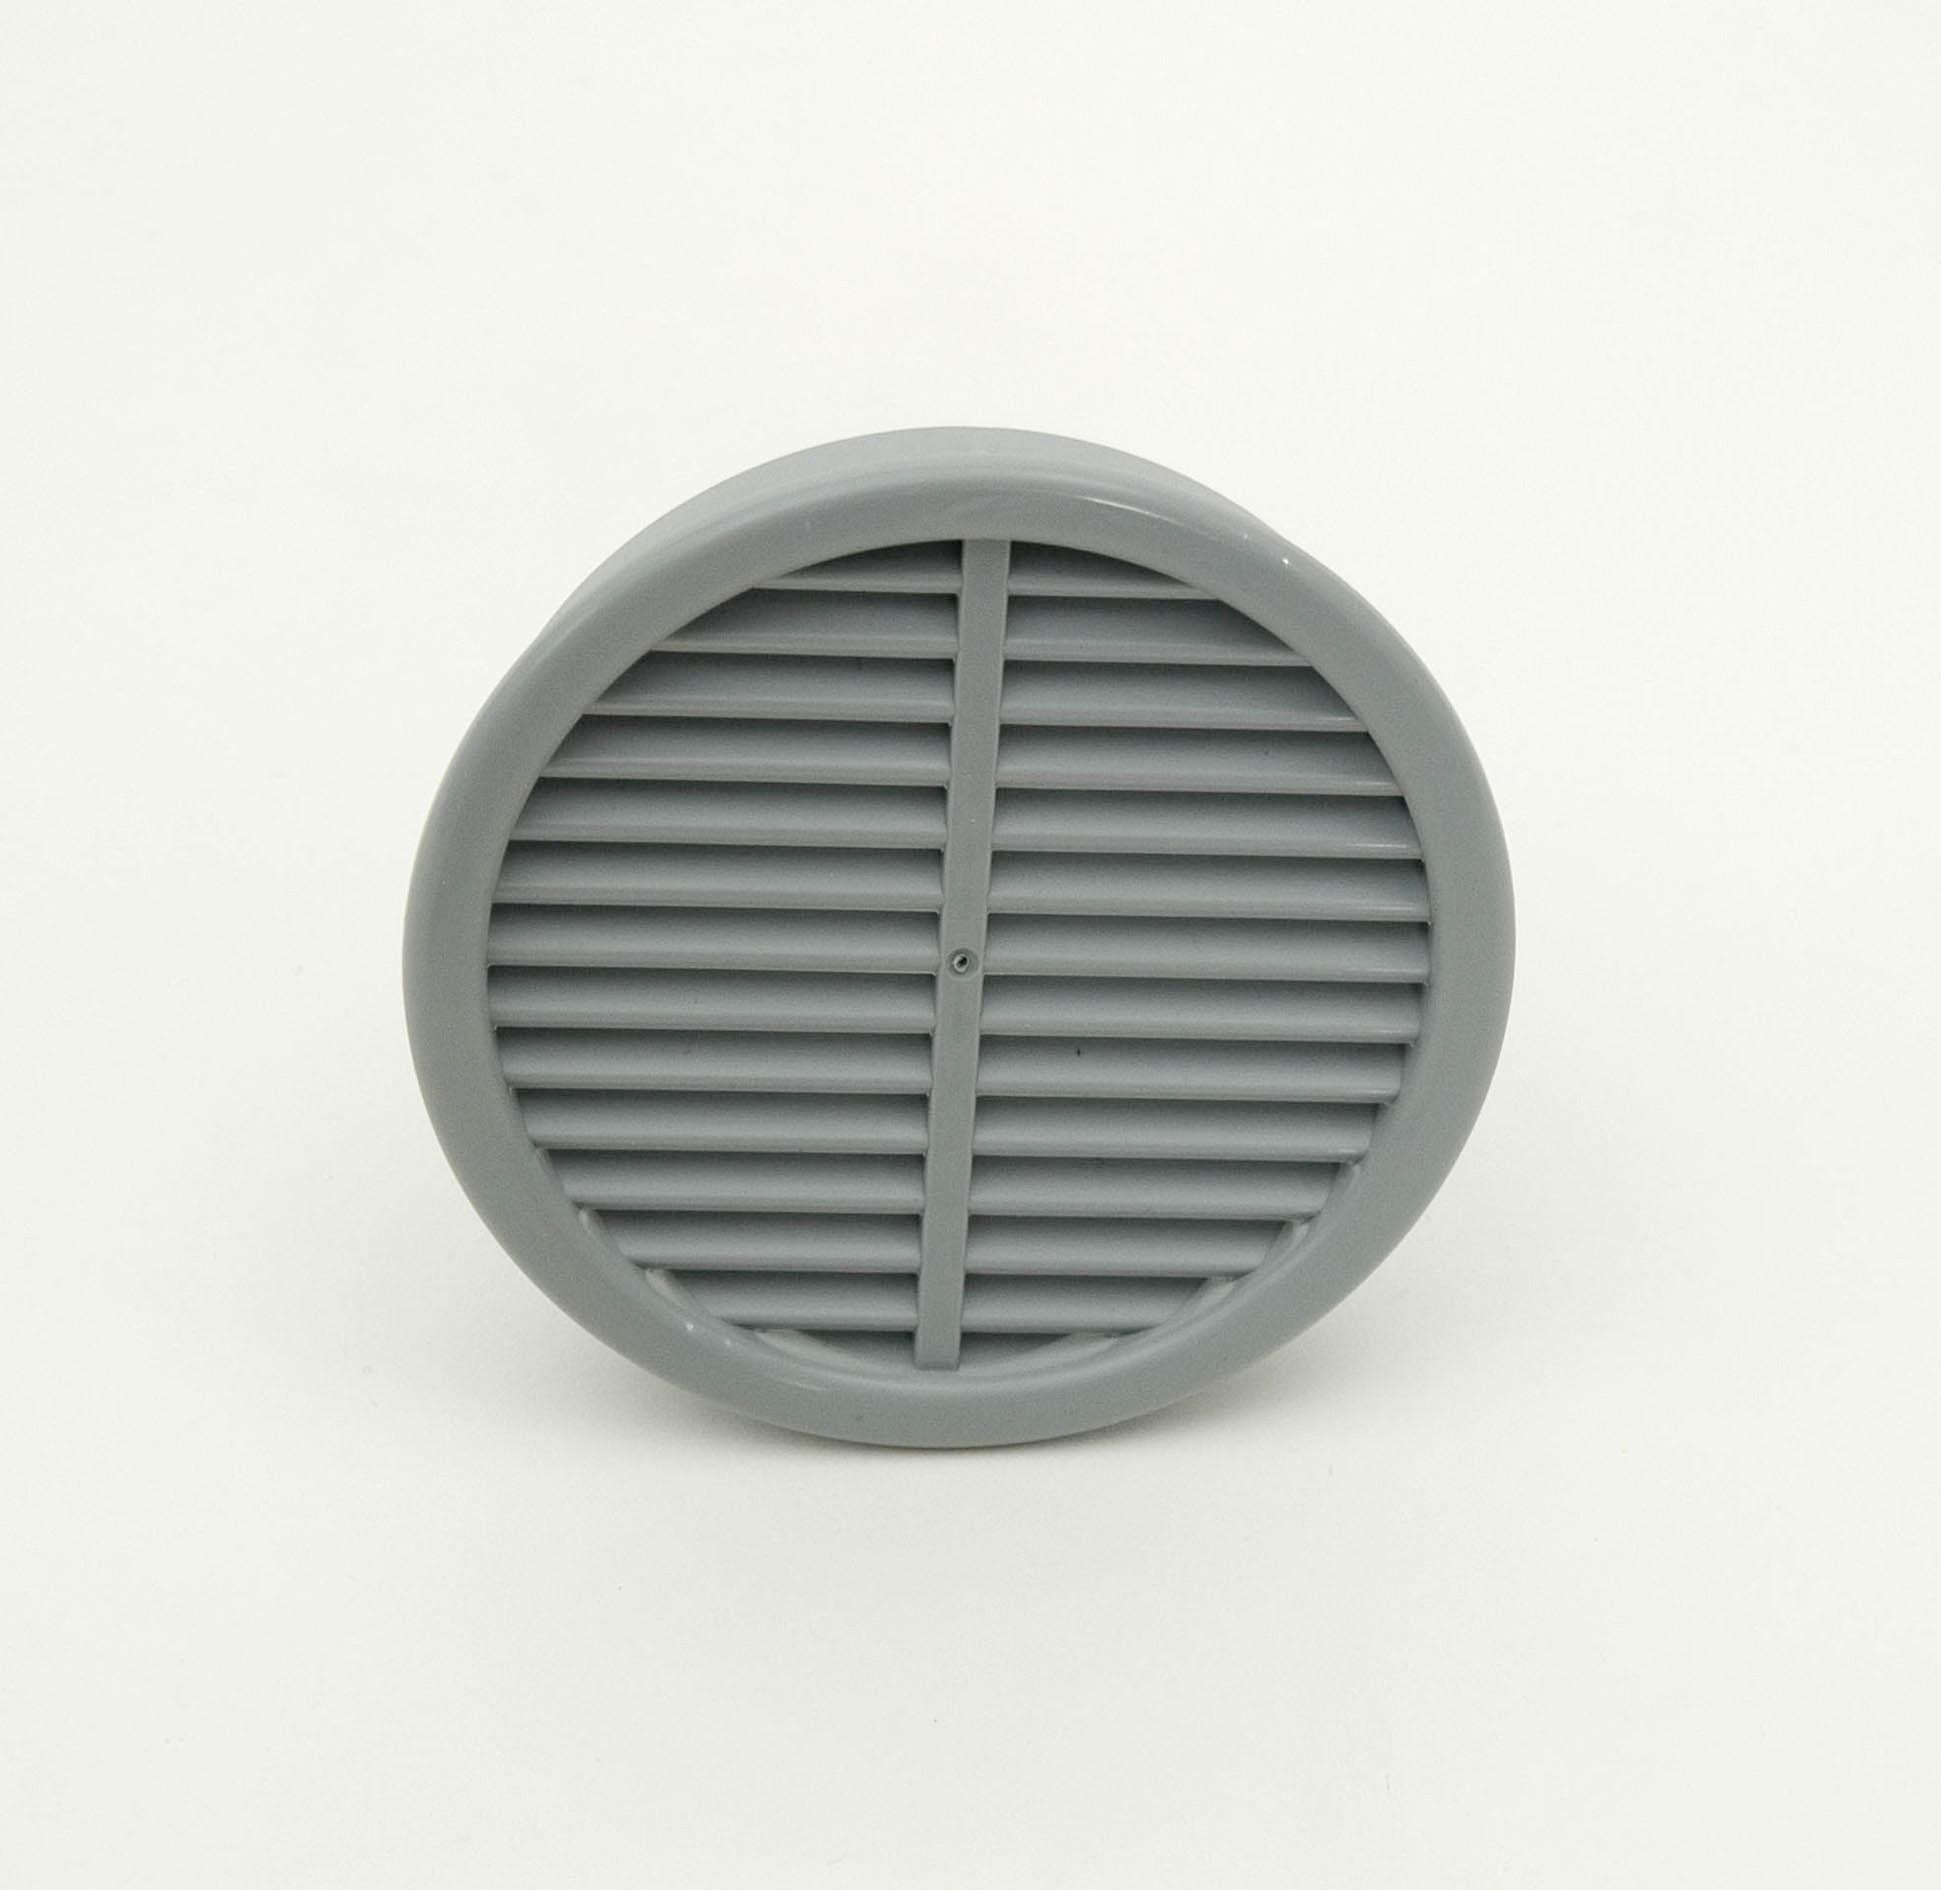 Grille De Ventilation Diamètre 75Mm Toilette Sèche concernant Toilette Seche Achat